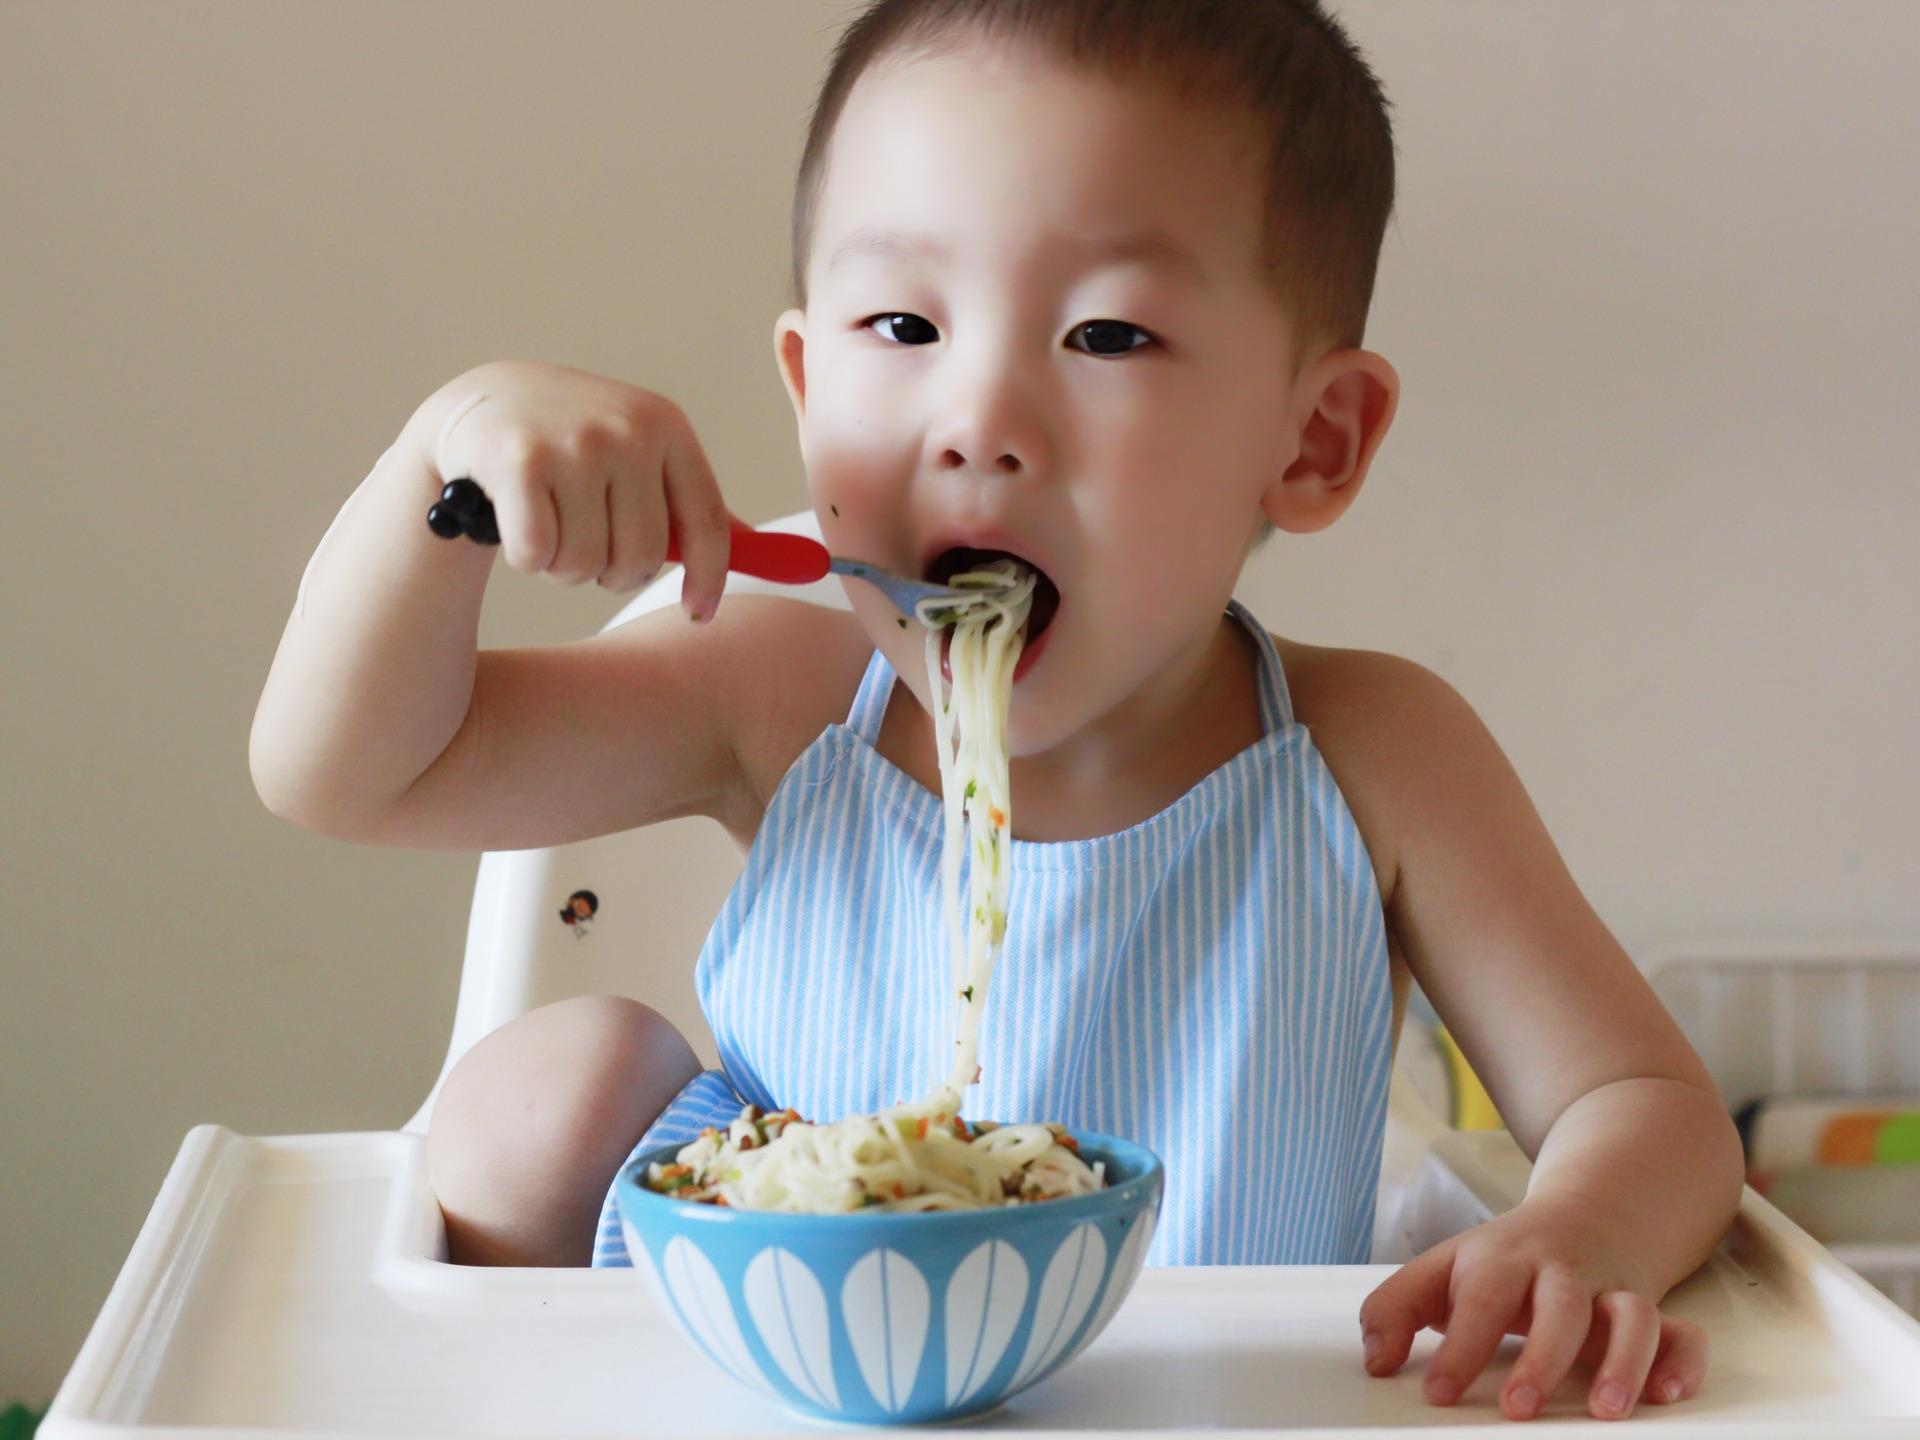 孩子健康笑容 素材